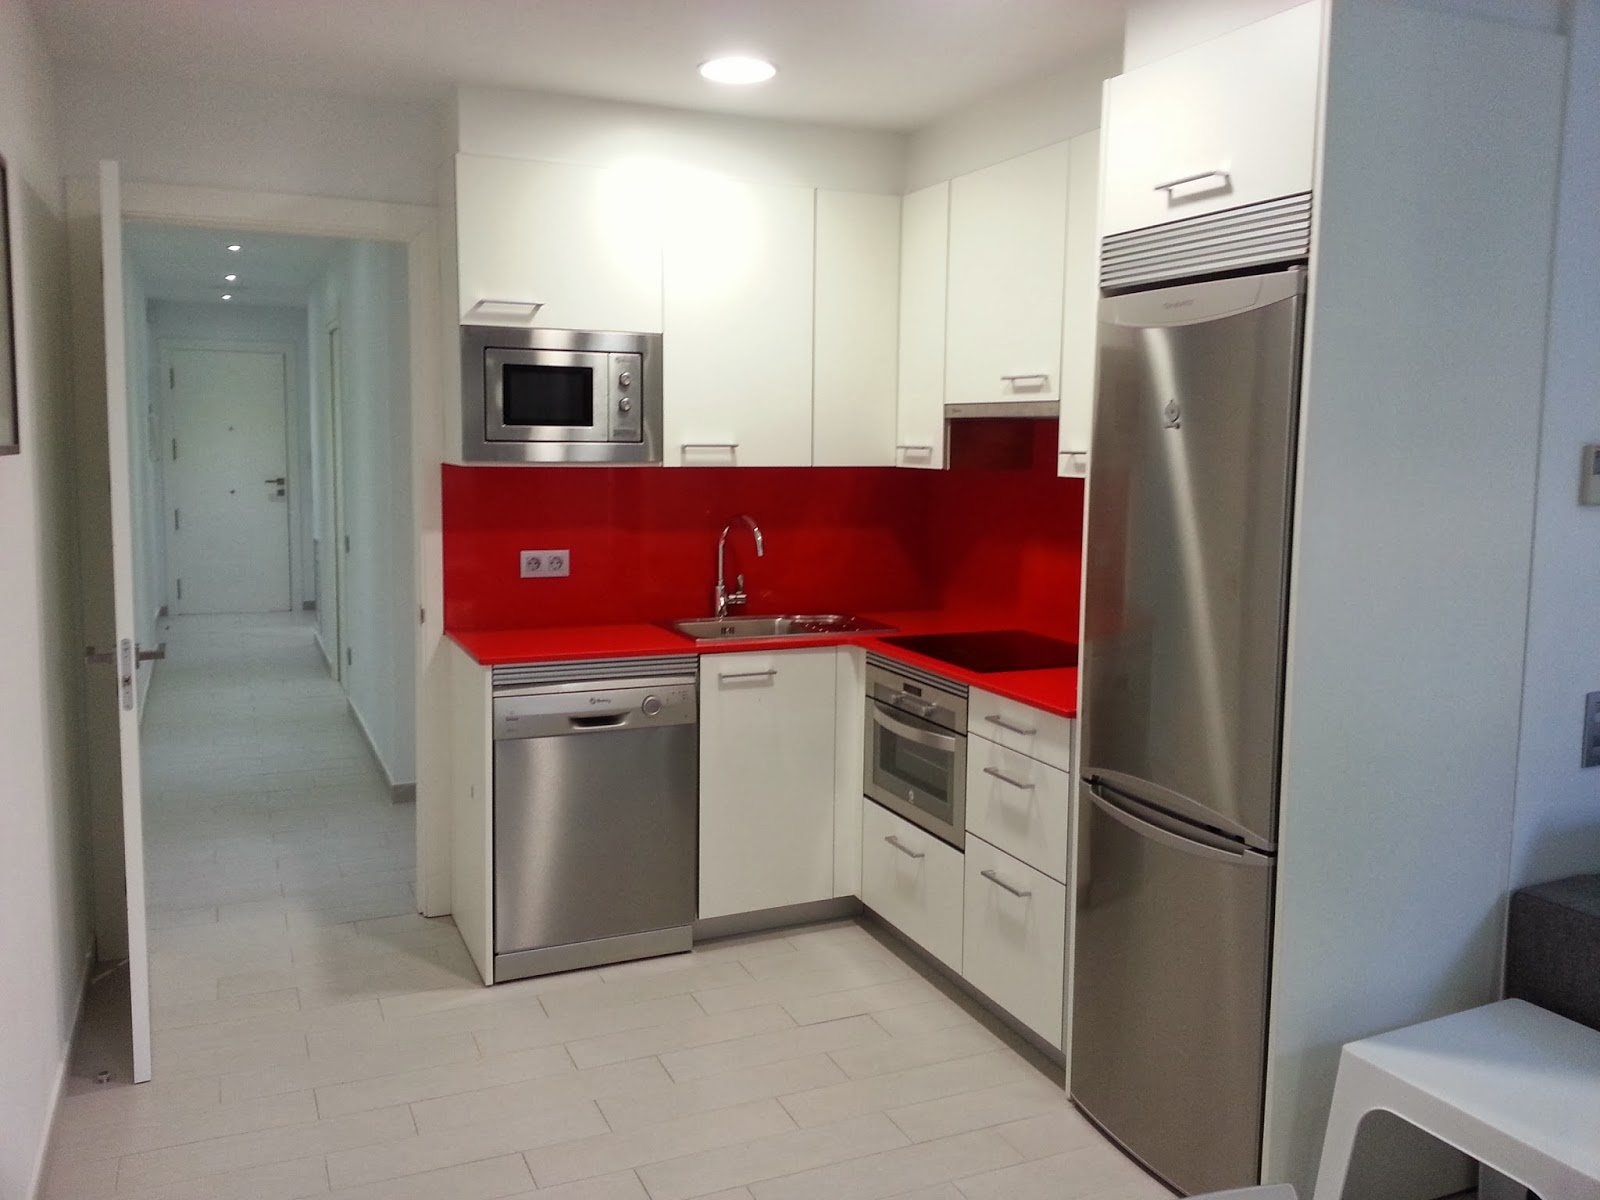 Cocina con puertas blanco brillo silestone rojo tanto en for Cocinas completas con electrodomesticos